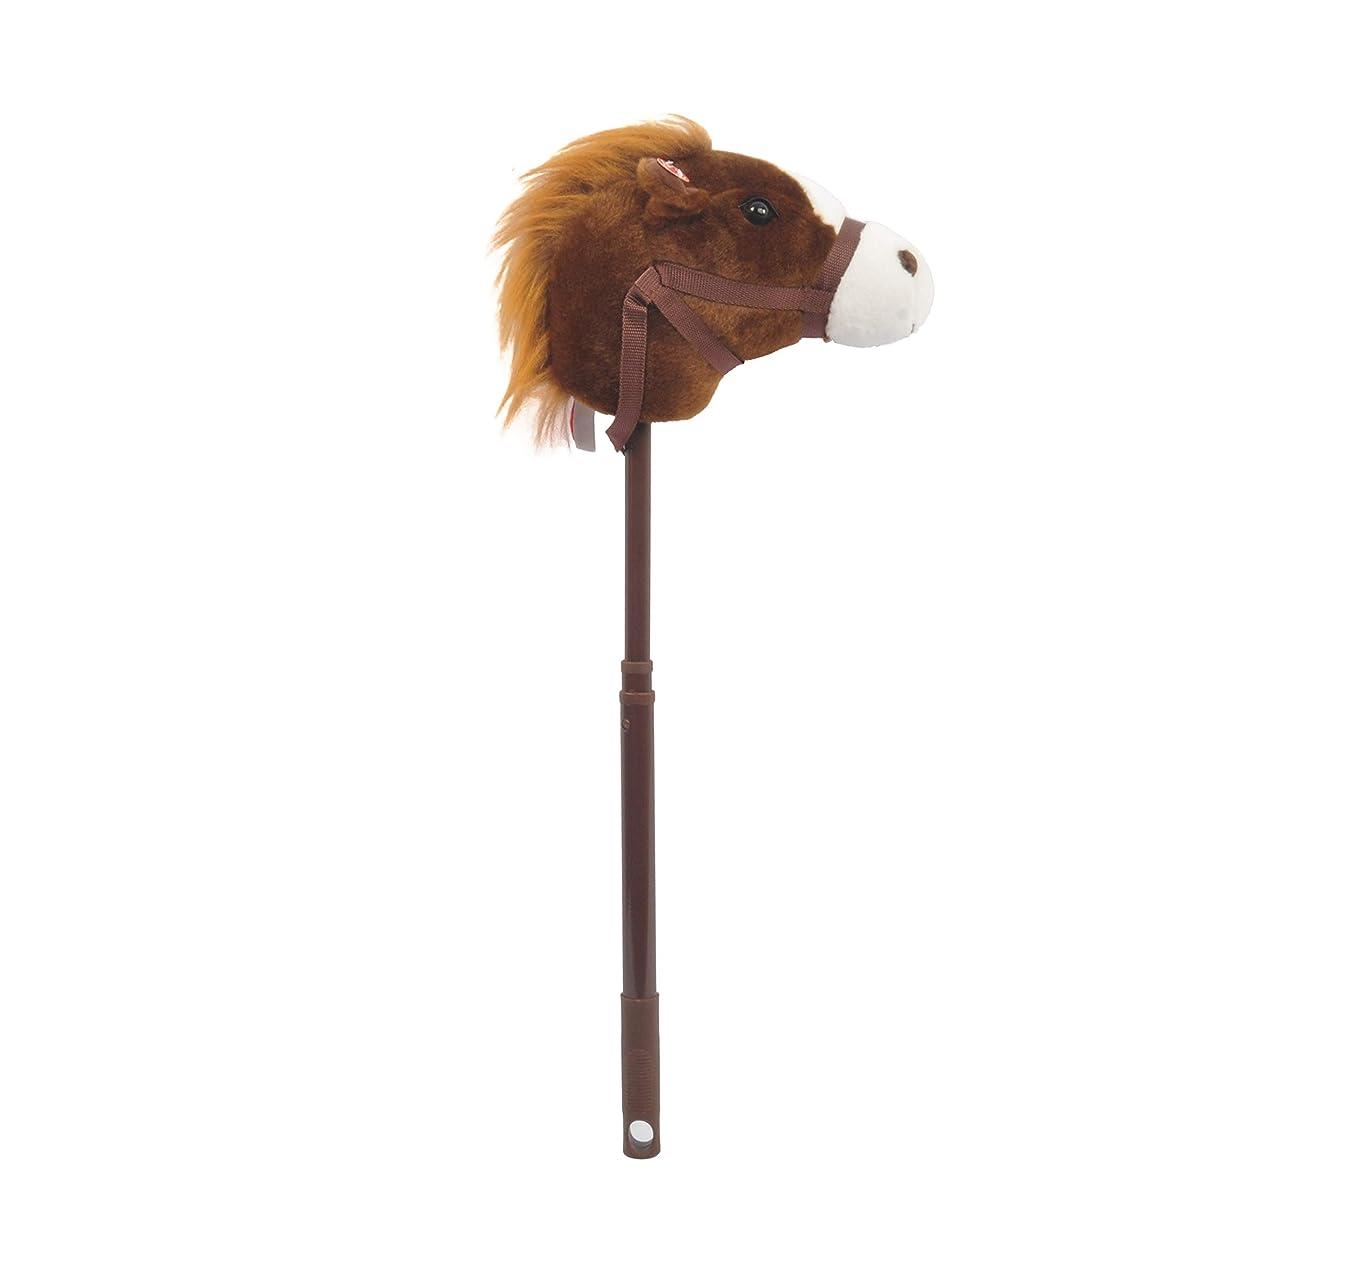 Linzy Plush Adjustable Horse Stick with Sound, Dark Brown, 36